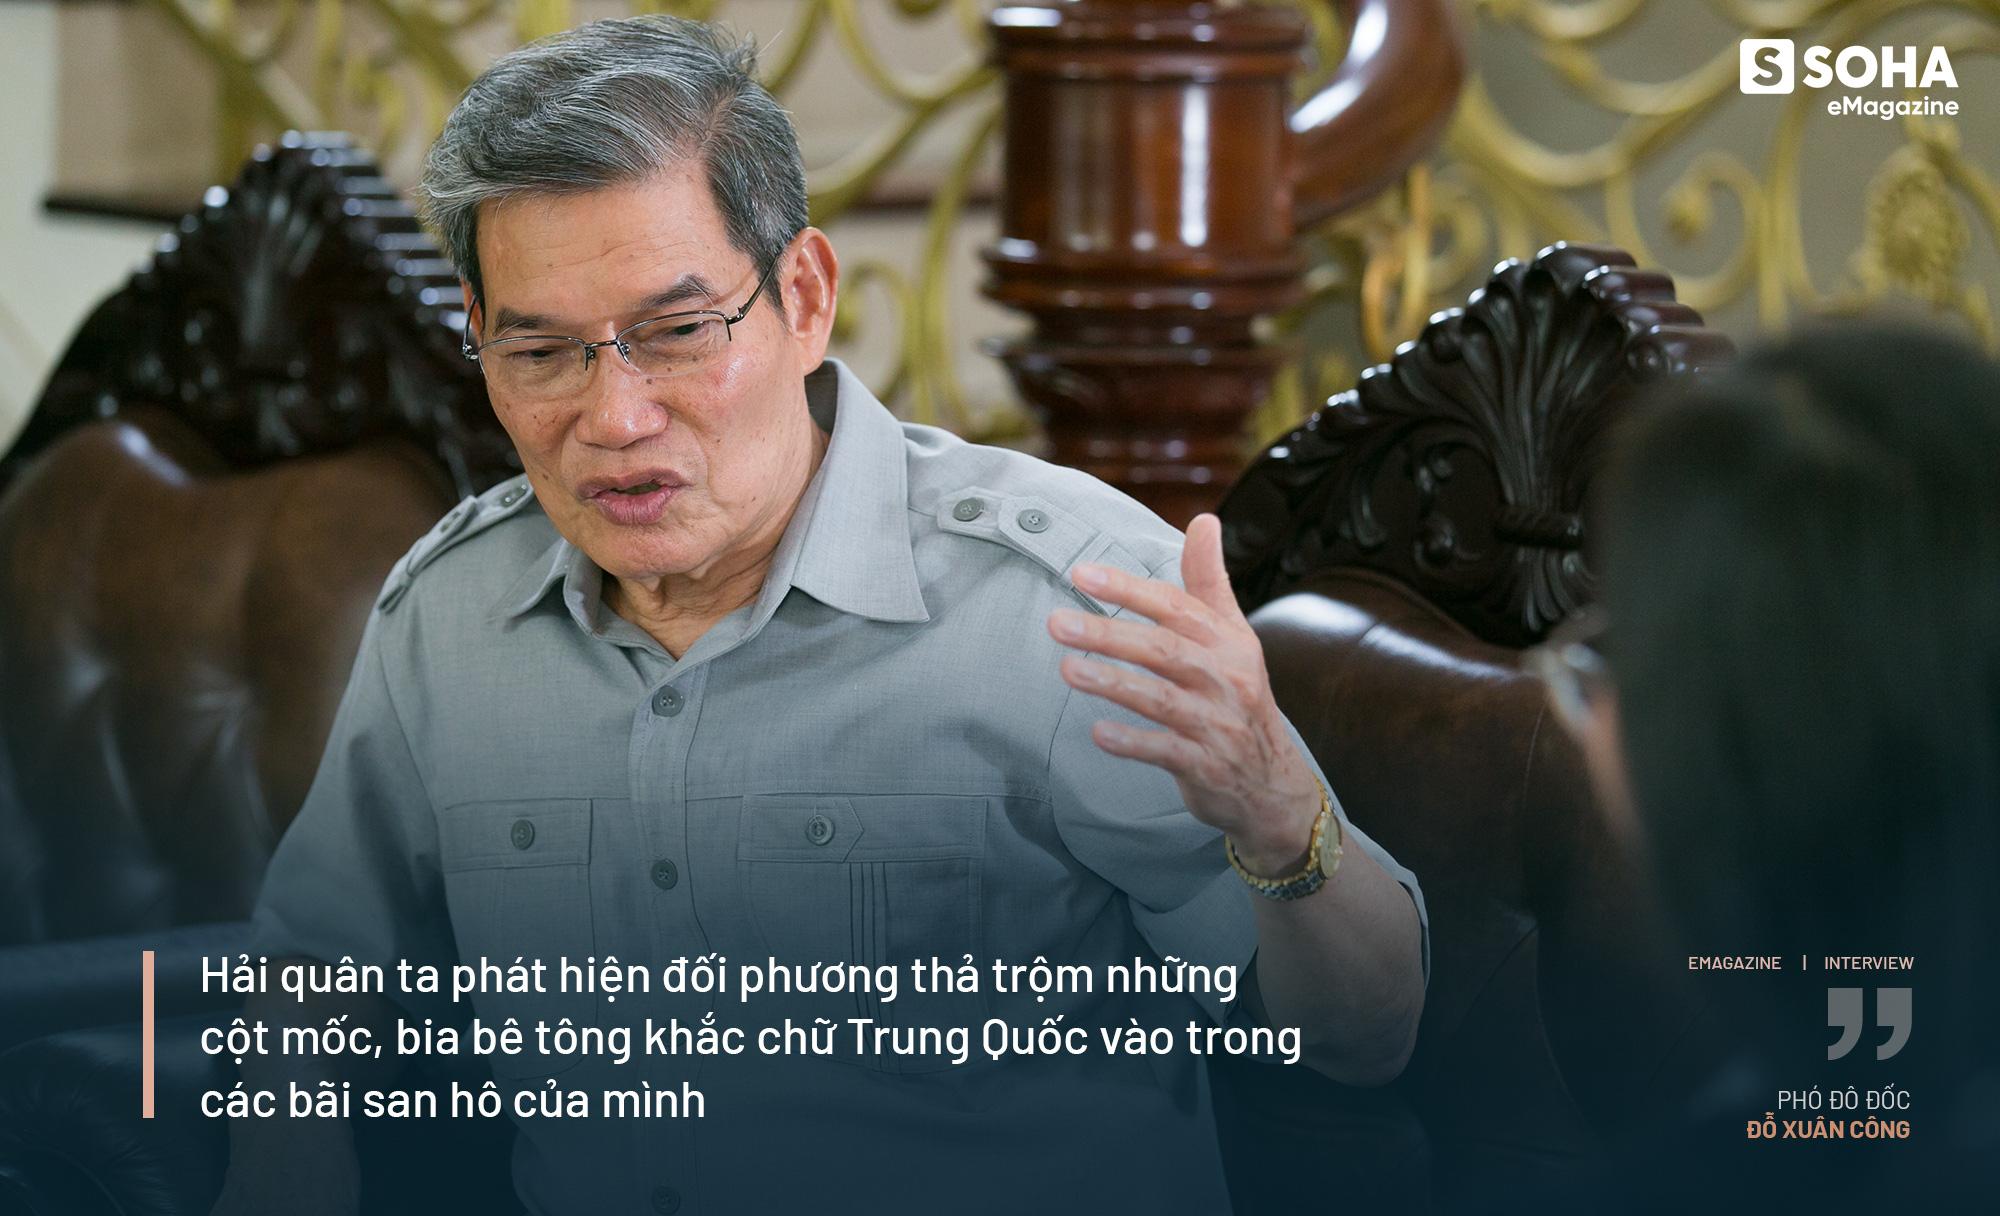 """Phó Đô đốc Đỗ Xuân Công: """"Muốn giữ được biển đảo, phải tuyệt đối giữ mình. Làm Tư lệnh khó lắm cháu ạ"""" - Ảnh 10."""